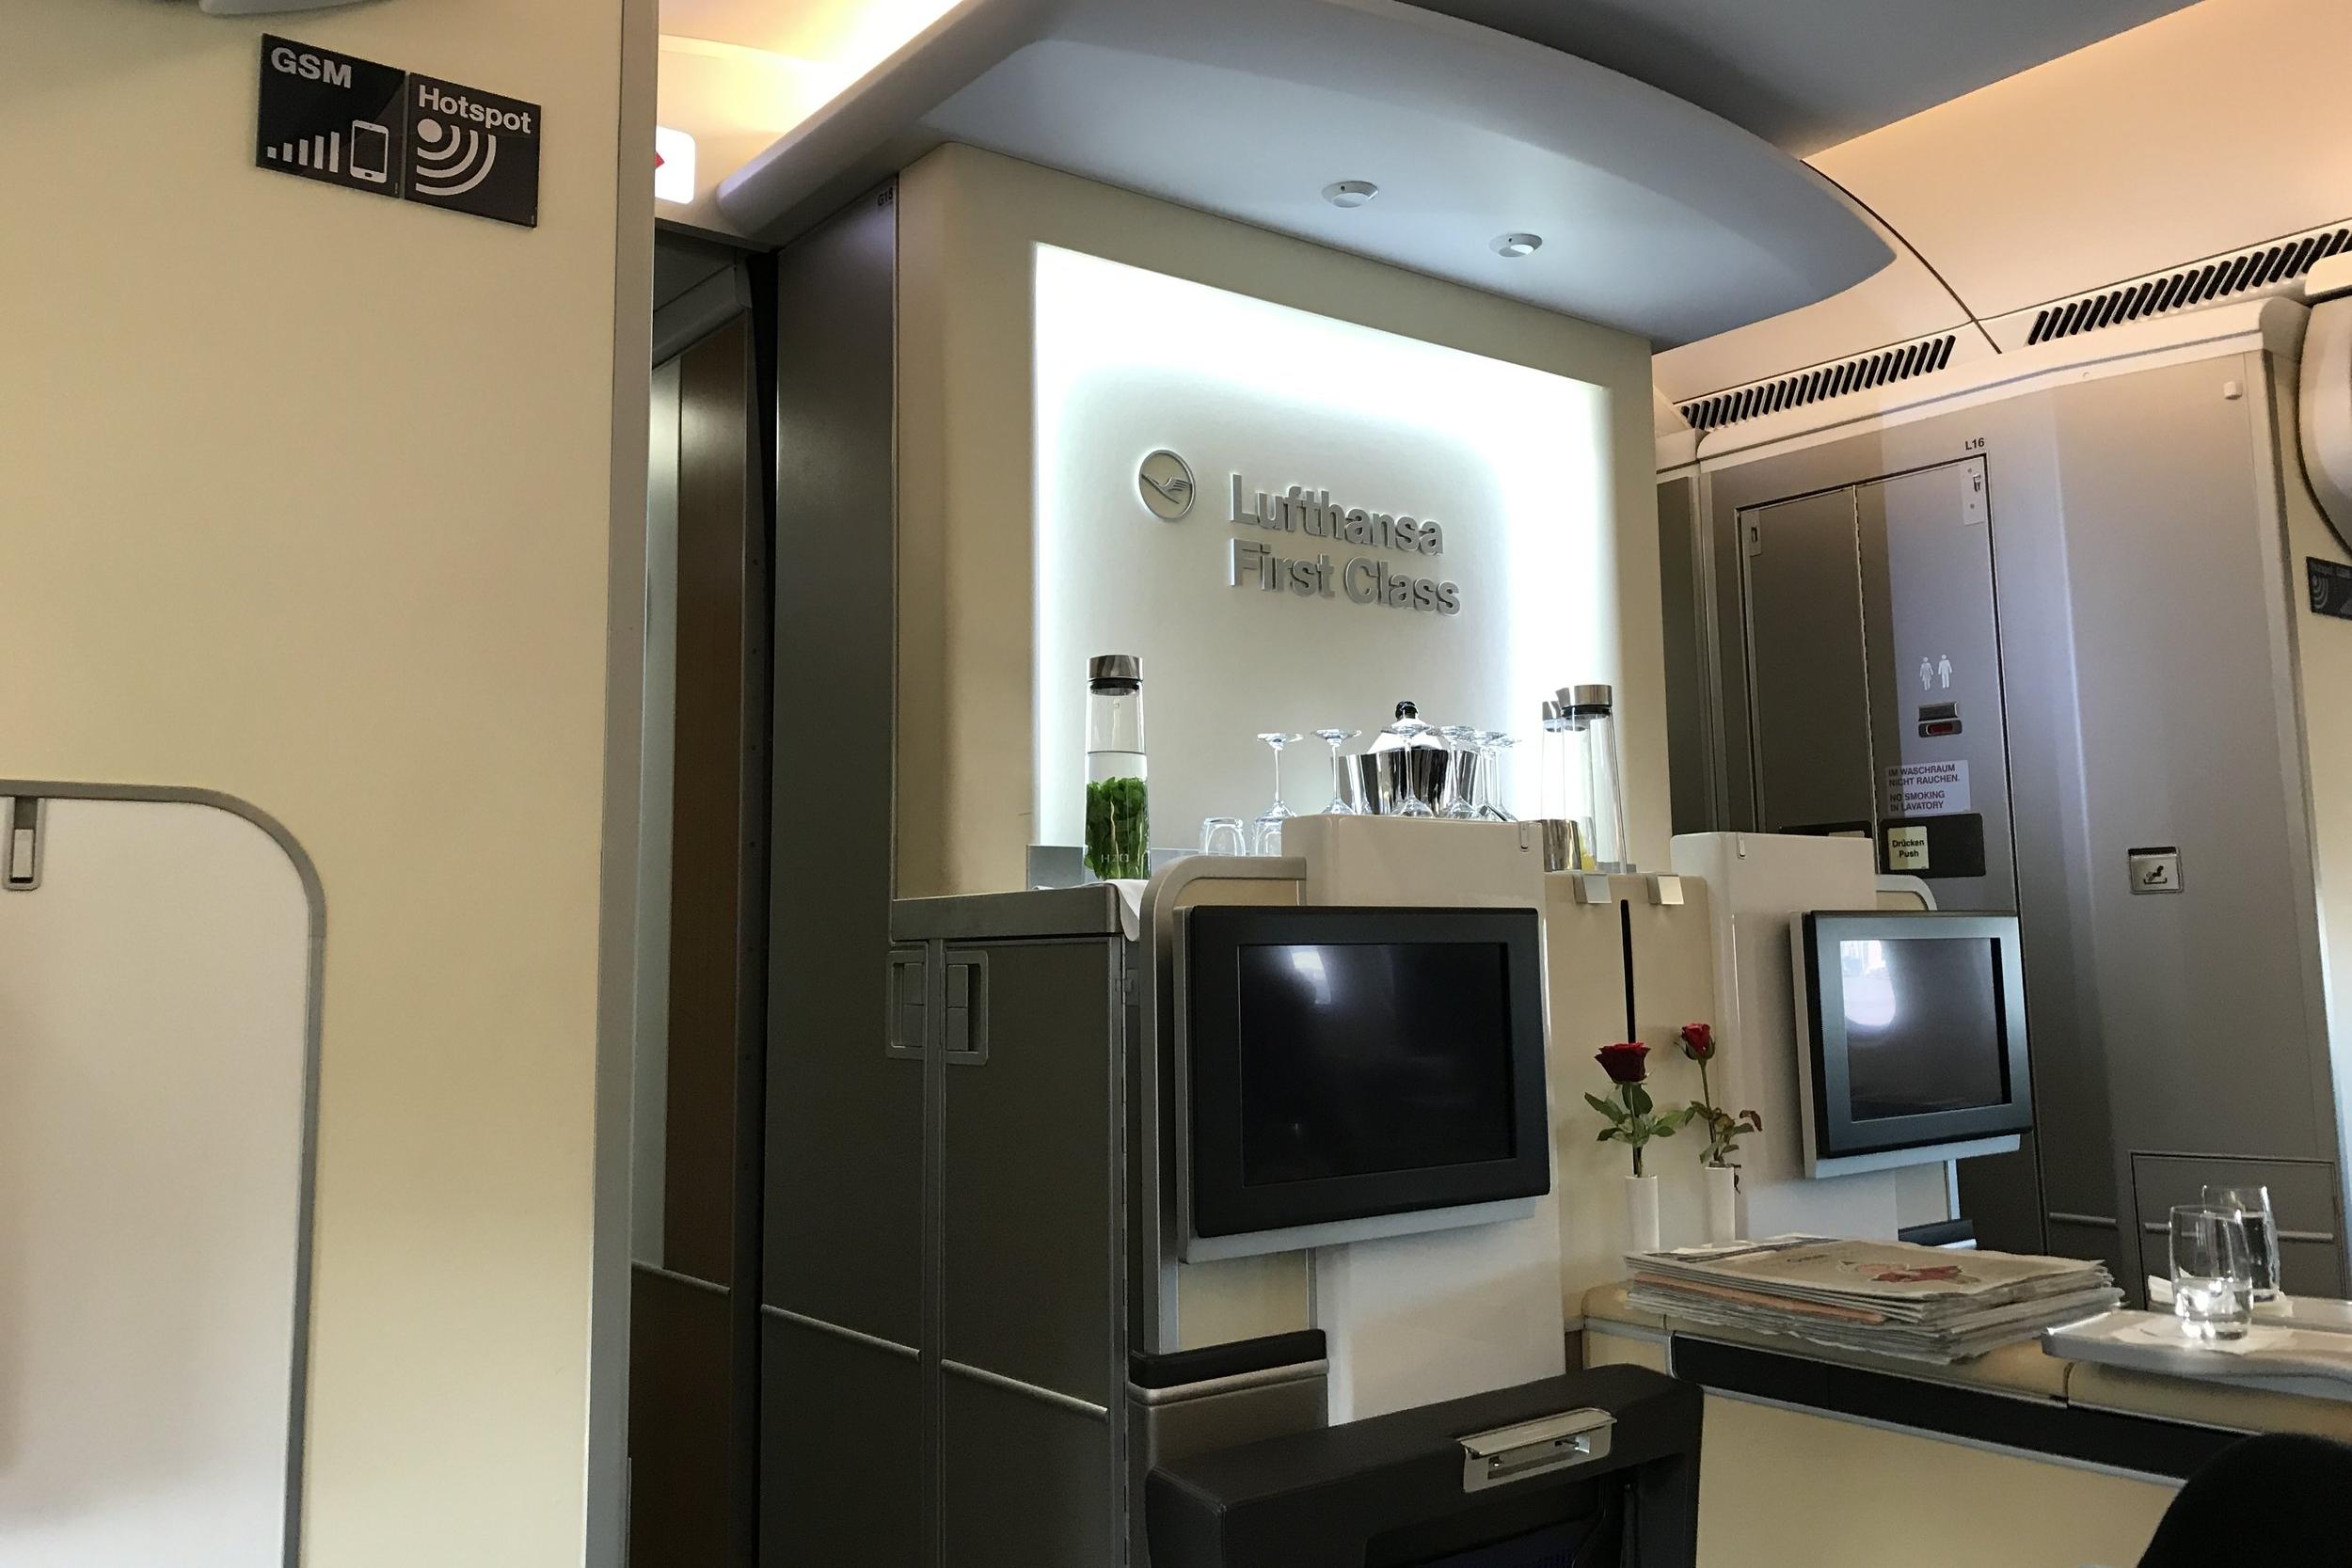 Lufthansa First Class – Forward bar setup